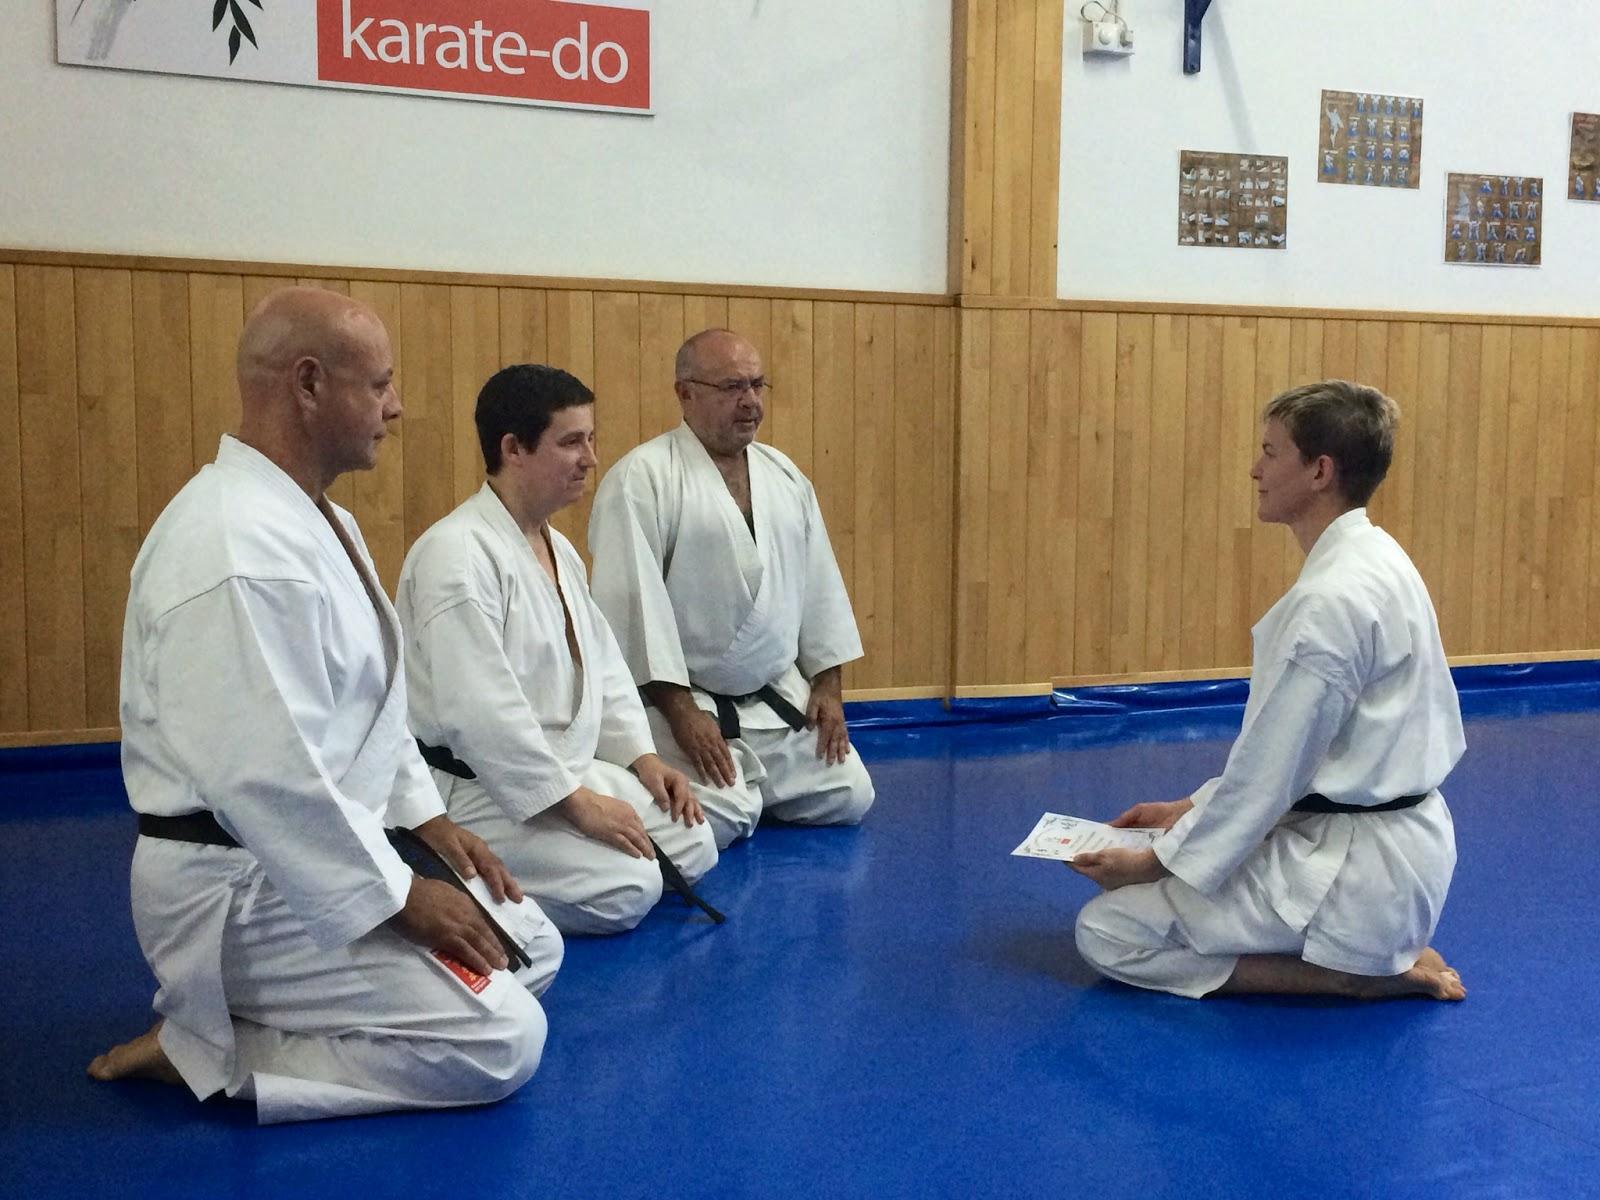 Fudoshin karate do shotokai alcal de guadaira sevilla - Artes marciales sevilla ...